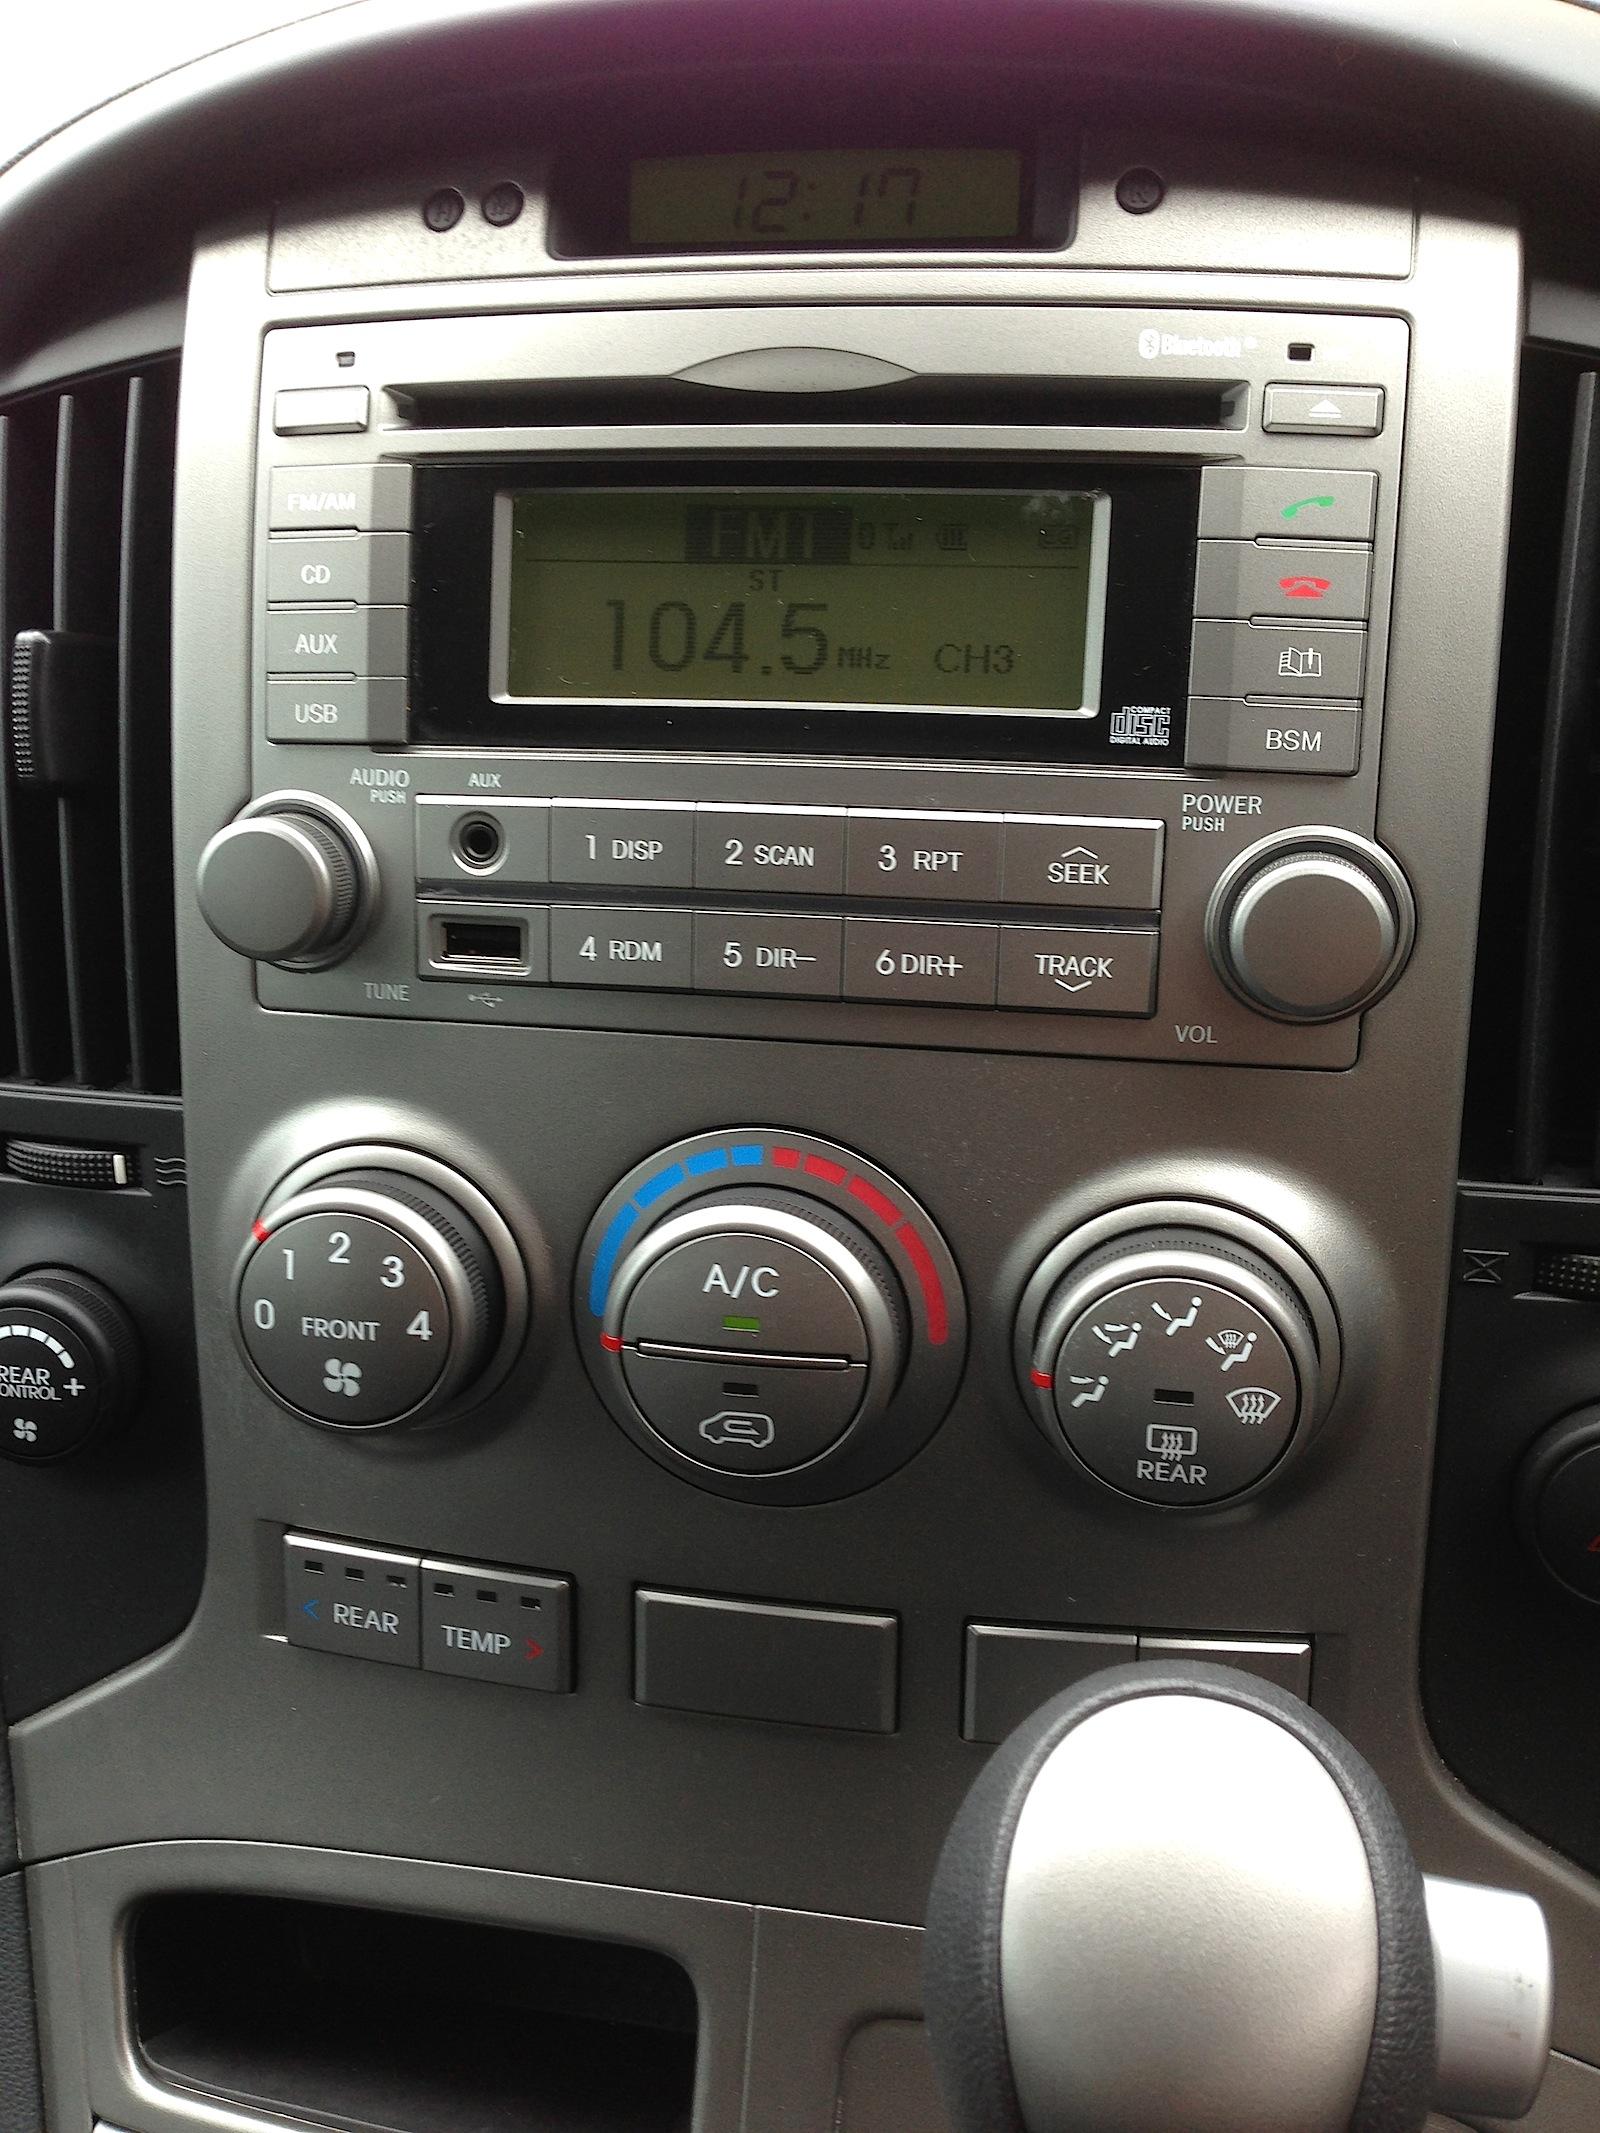 2013 Hyundai Sonata Limited >> Hyundai iMax Review | CarAdvice